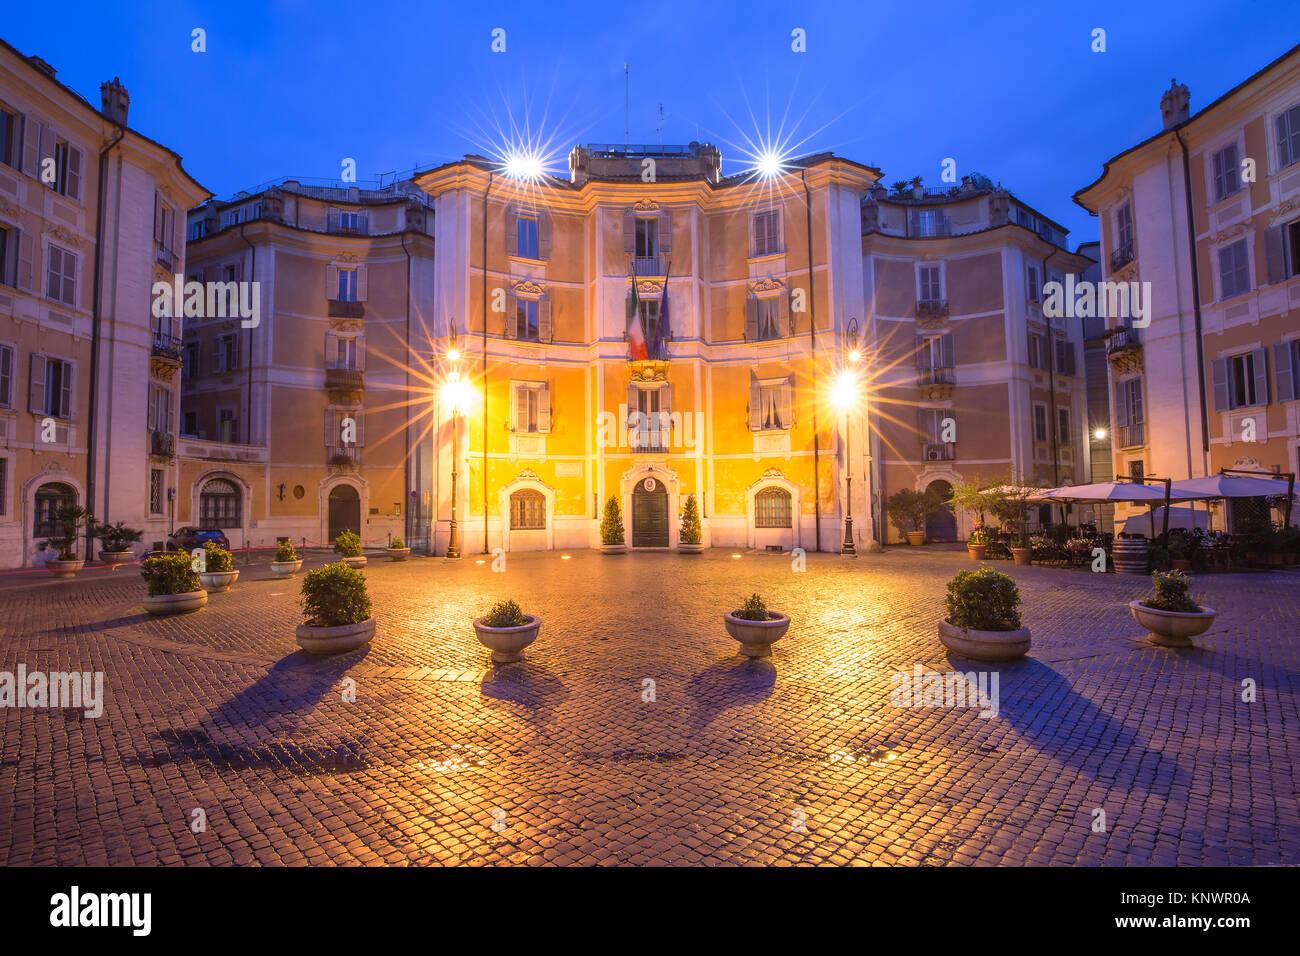 Platz Piazza Sant Ignazio in Rom, Italien. Stockbild